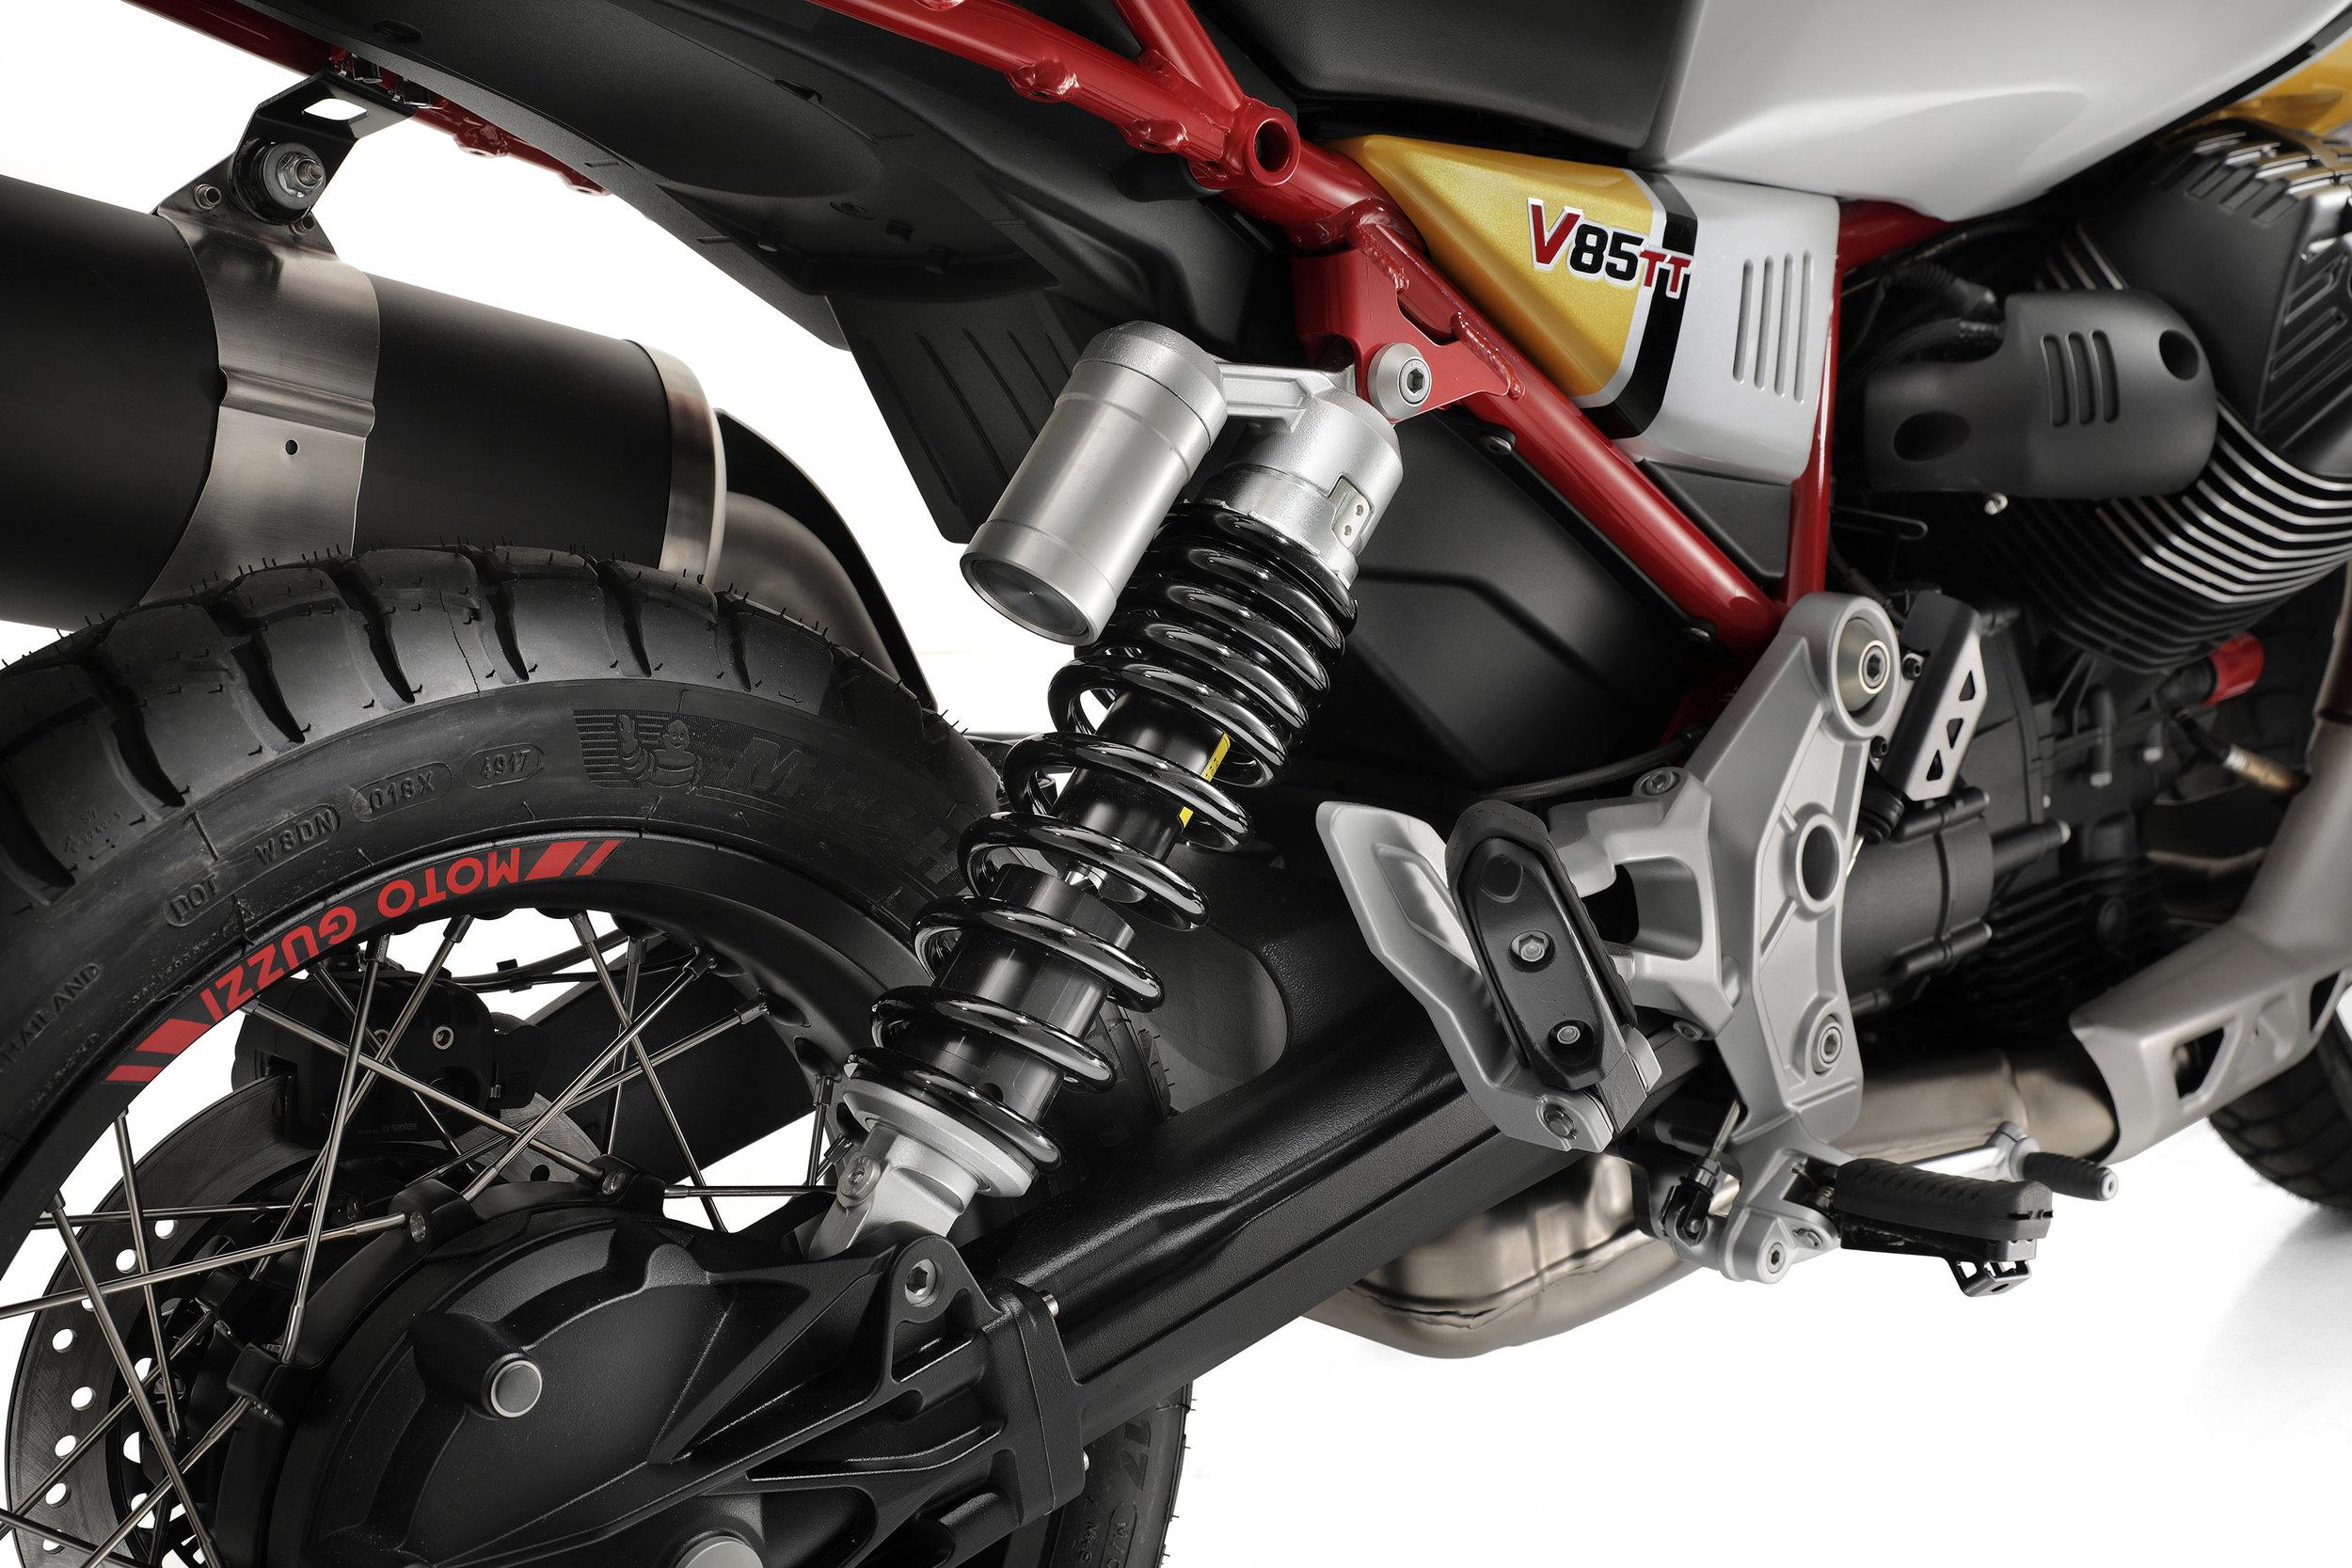 29 Moto Guzzi V85 TT.jpg